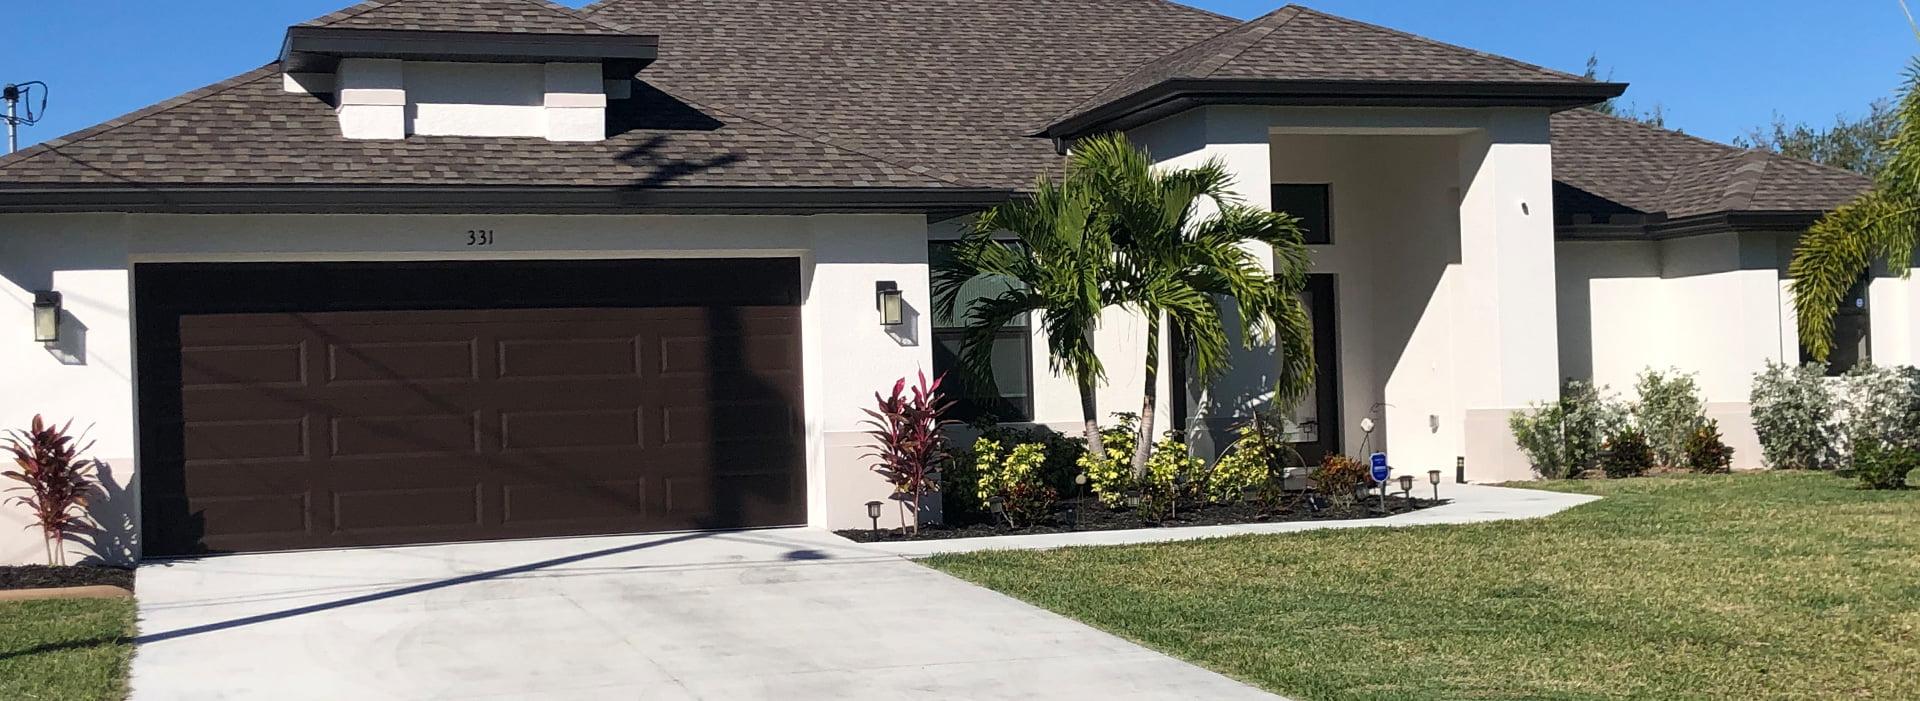 Ferienhaus Florida USA